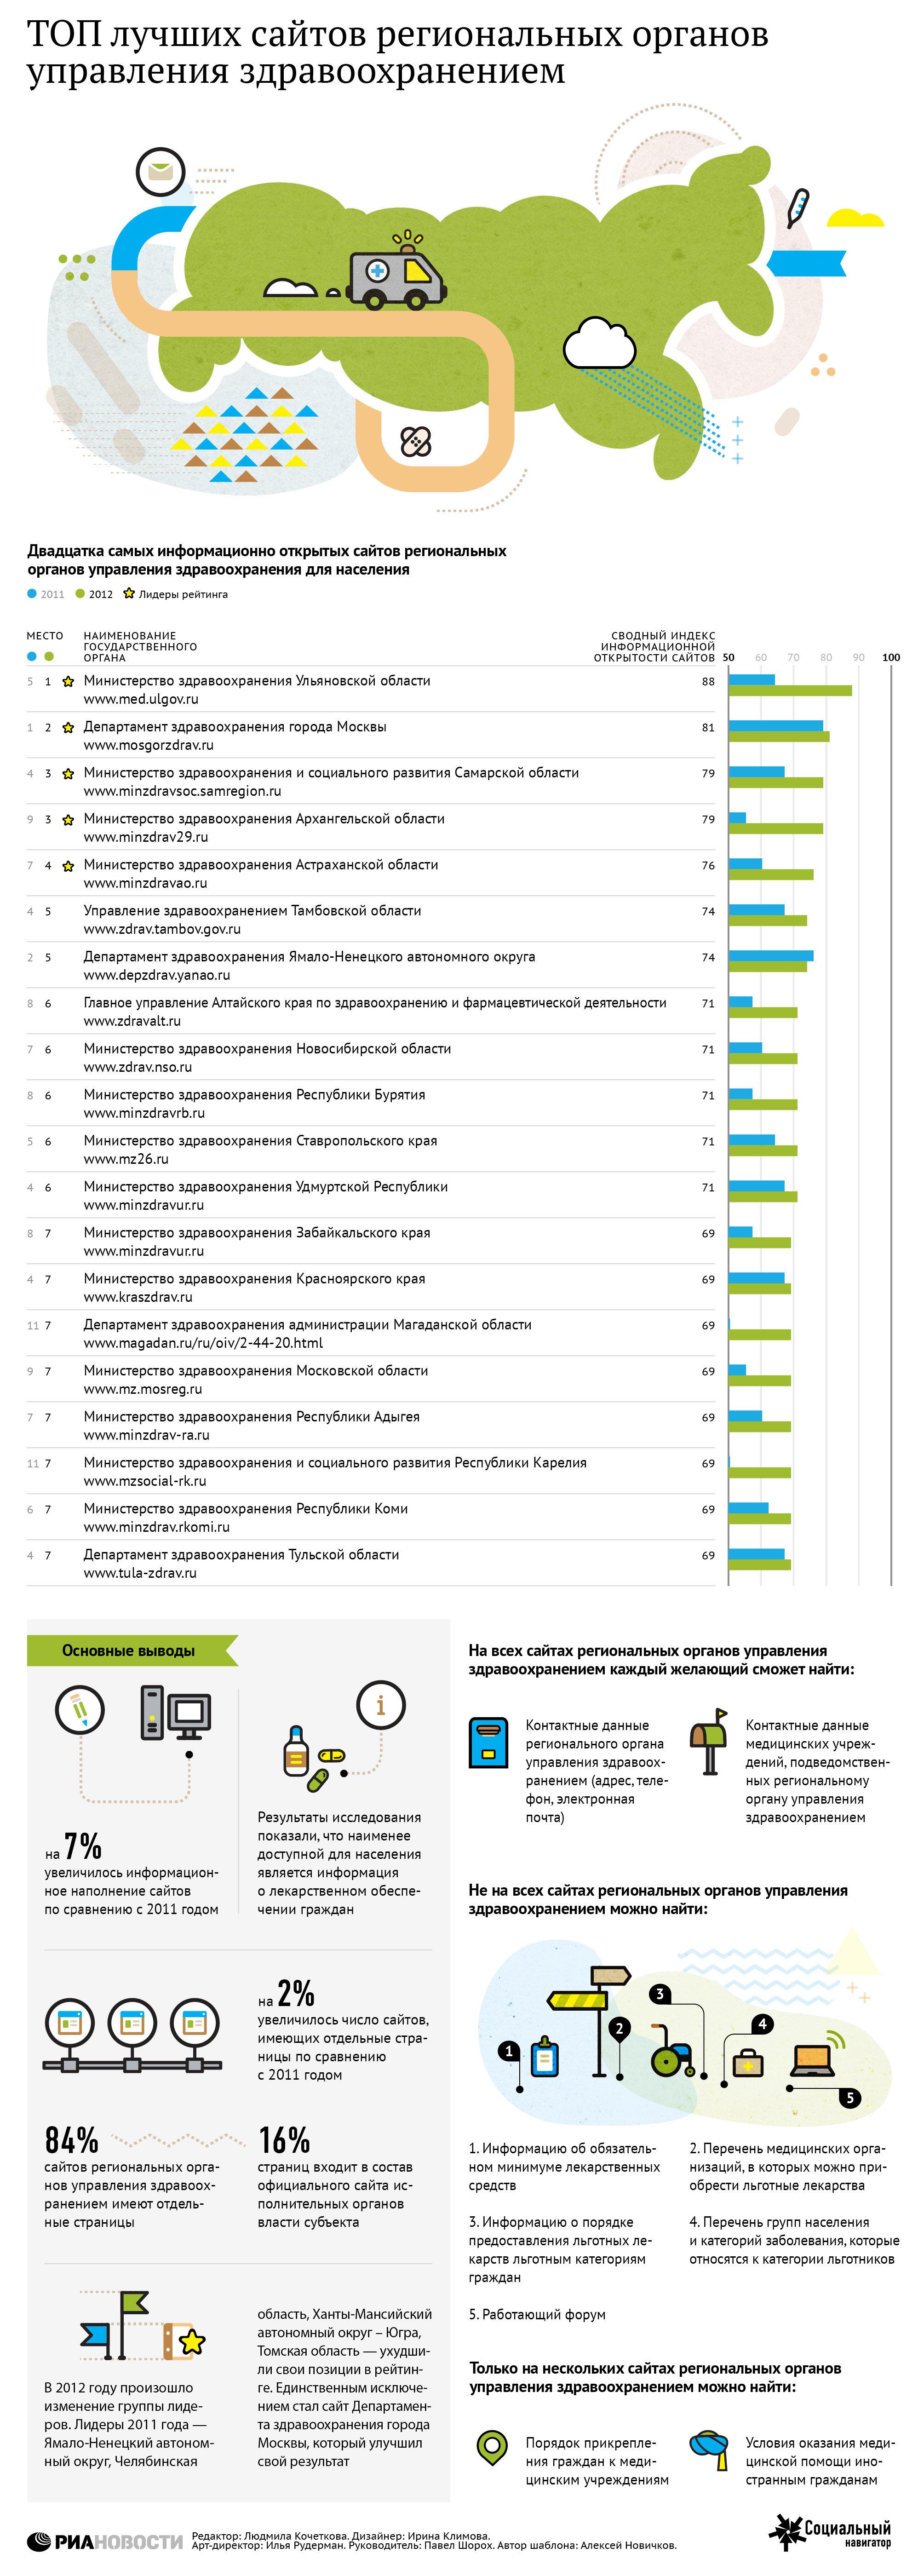 Рейтинг прозрачности сайтов региональных органов управления здравоохранением